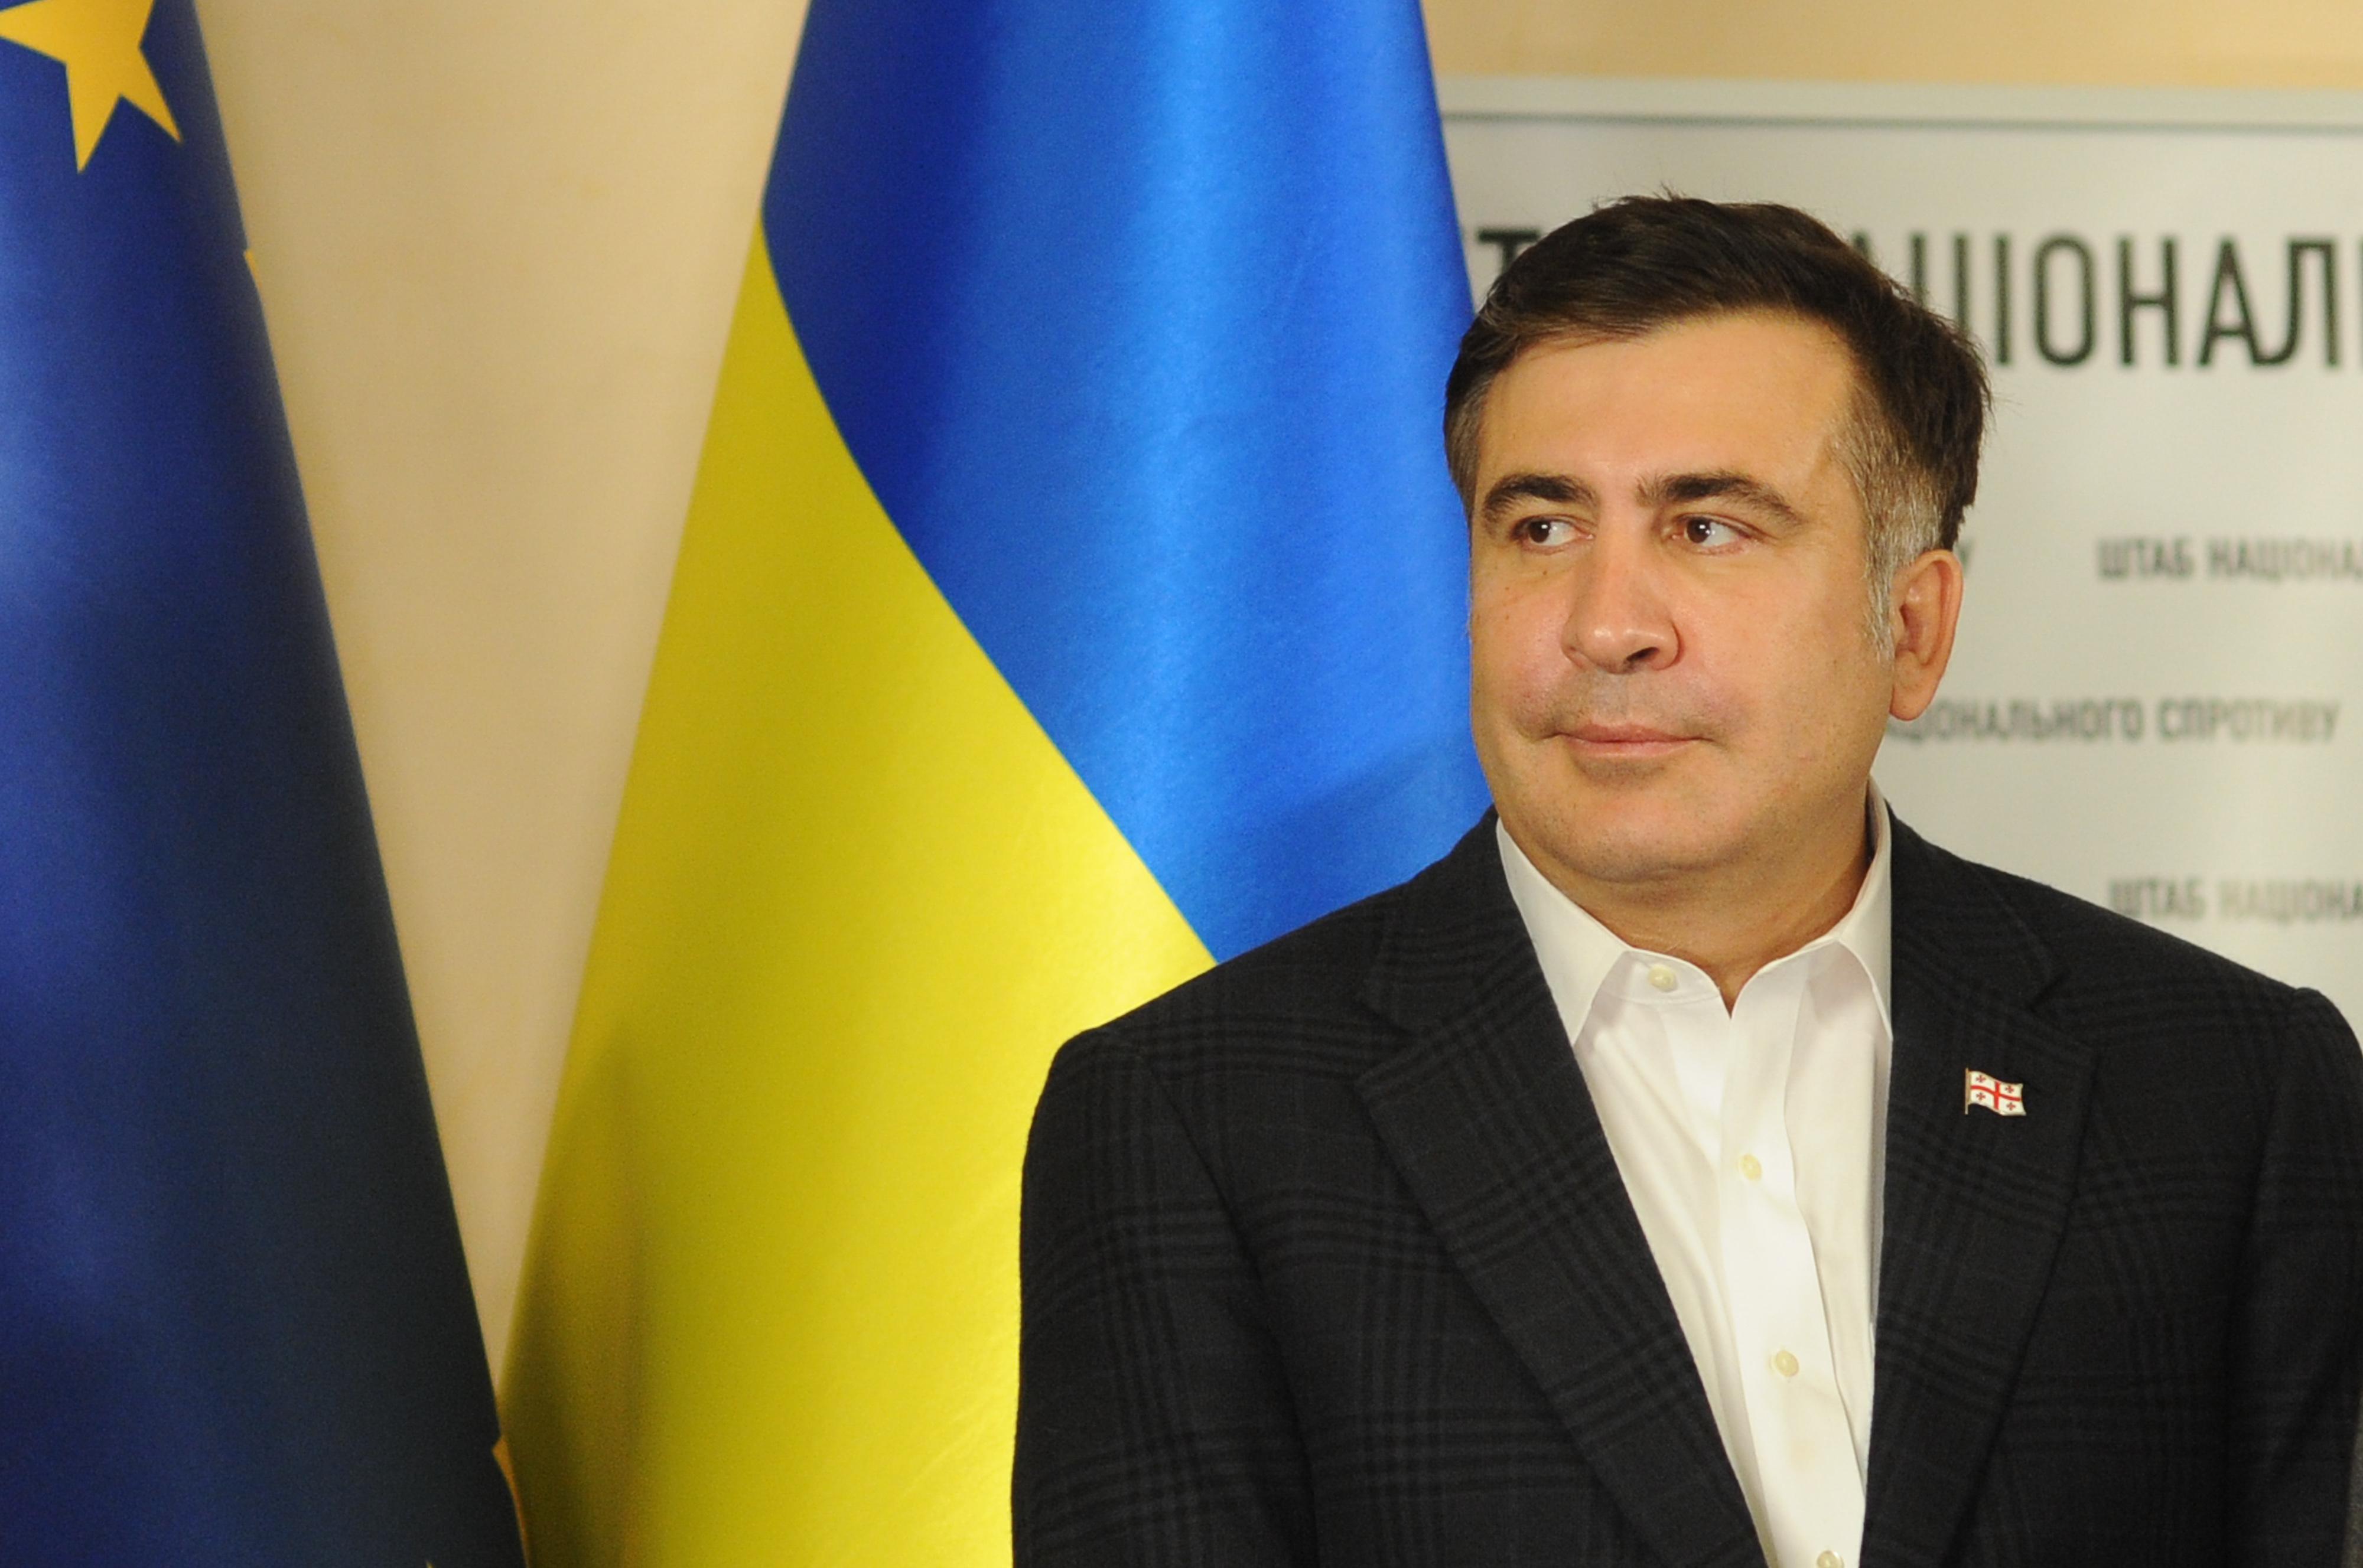 Mikhail Saakashvili Net Worth